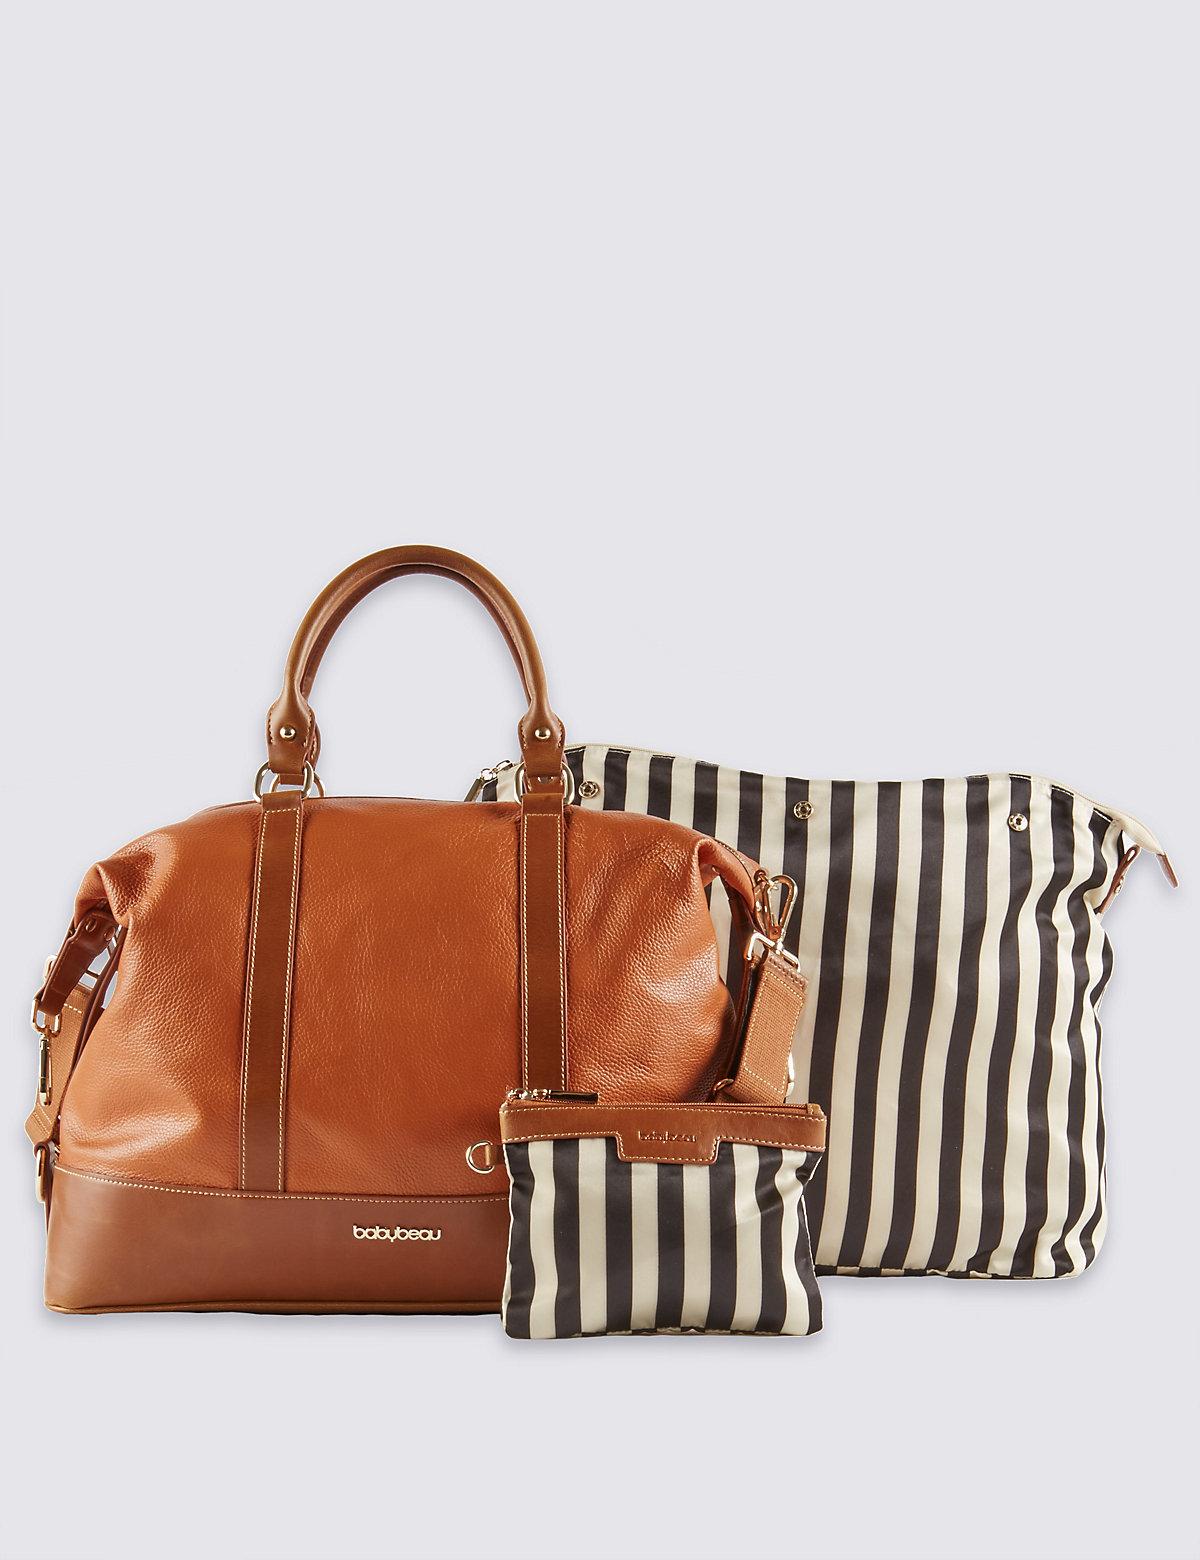 BabyBeau Isabelle Changing Bag